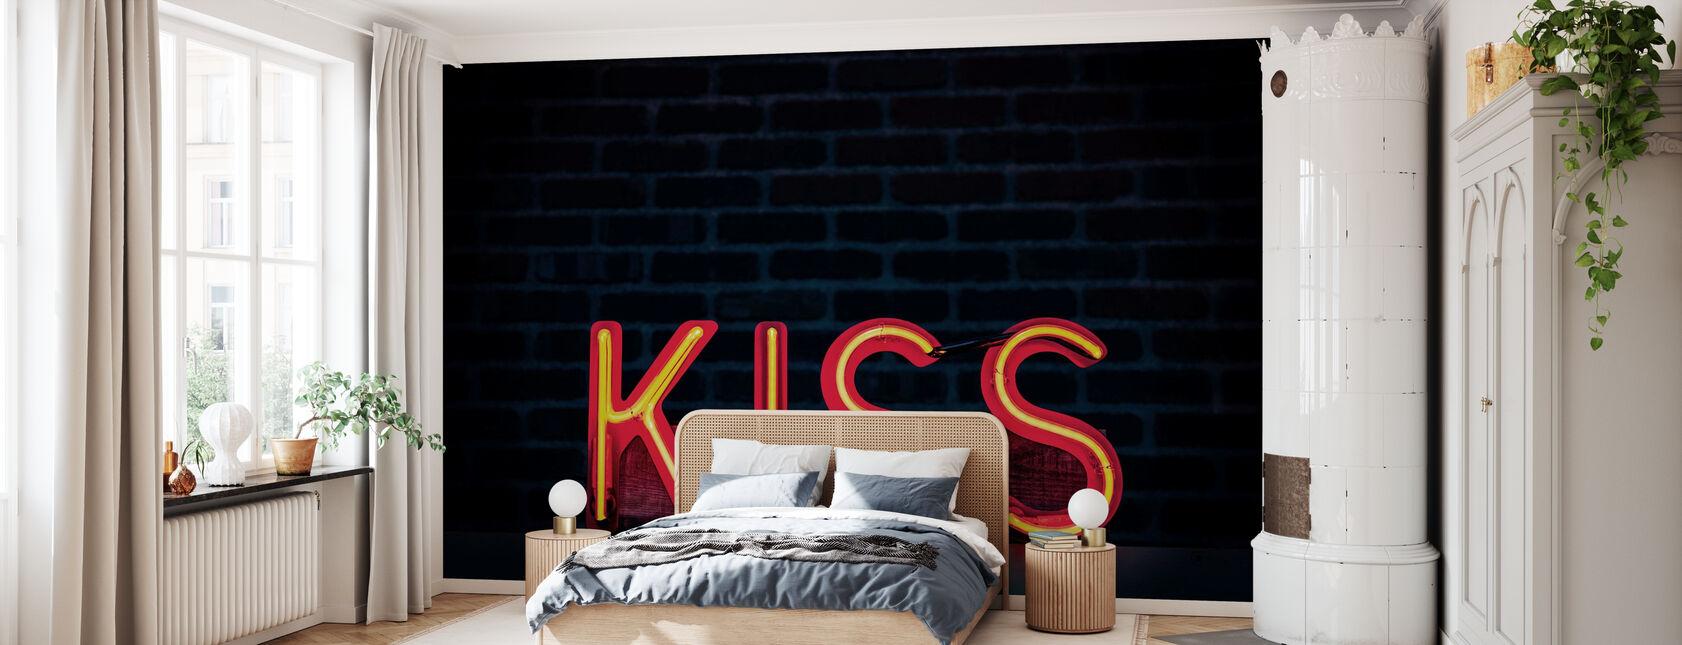 Kiss Neon Teken - Behang - Slaapkamer